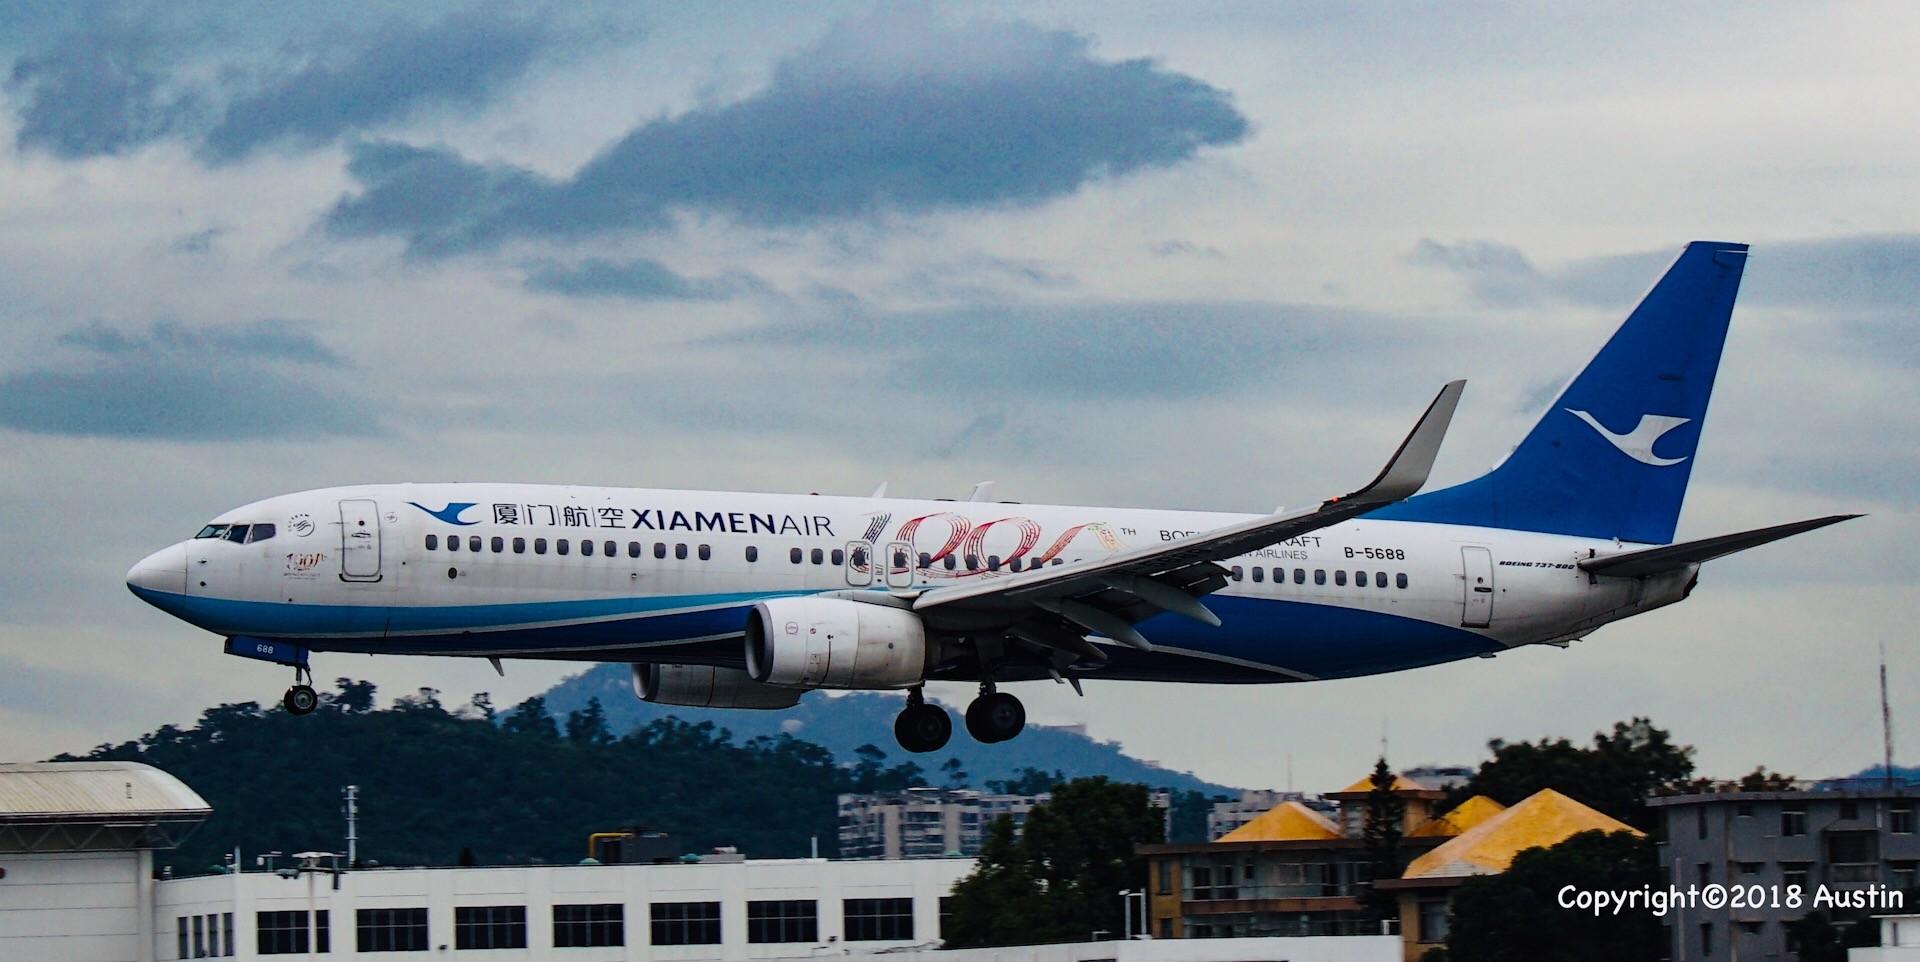 Re:[原创][XMN]接熊猫啦~part 1 BOEING 737-85C(WL) B-5688 中国厦门高崎国际机场